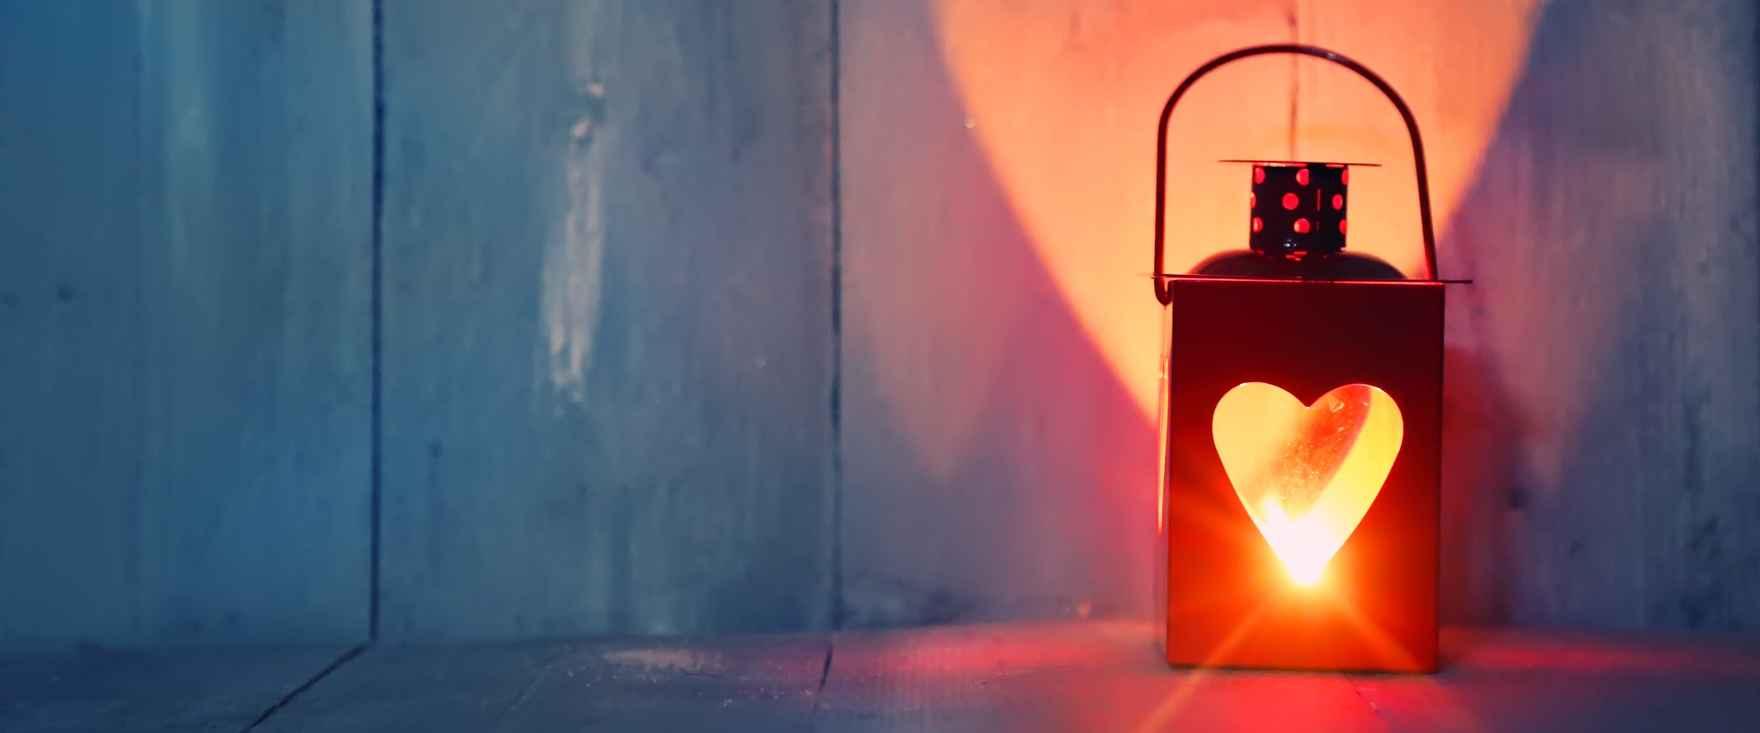 2097-aabning-af-dit-hjertechakra-lanterne-karina-bundgaard-shaman-works-2880x1200.jpg